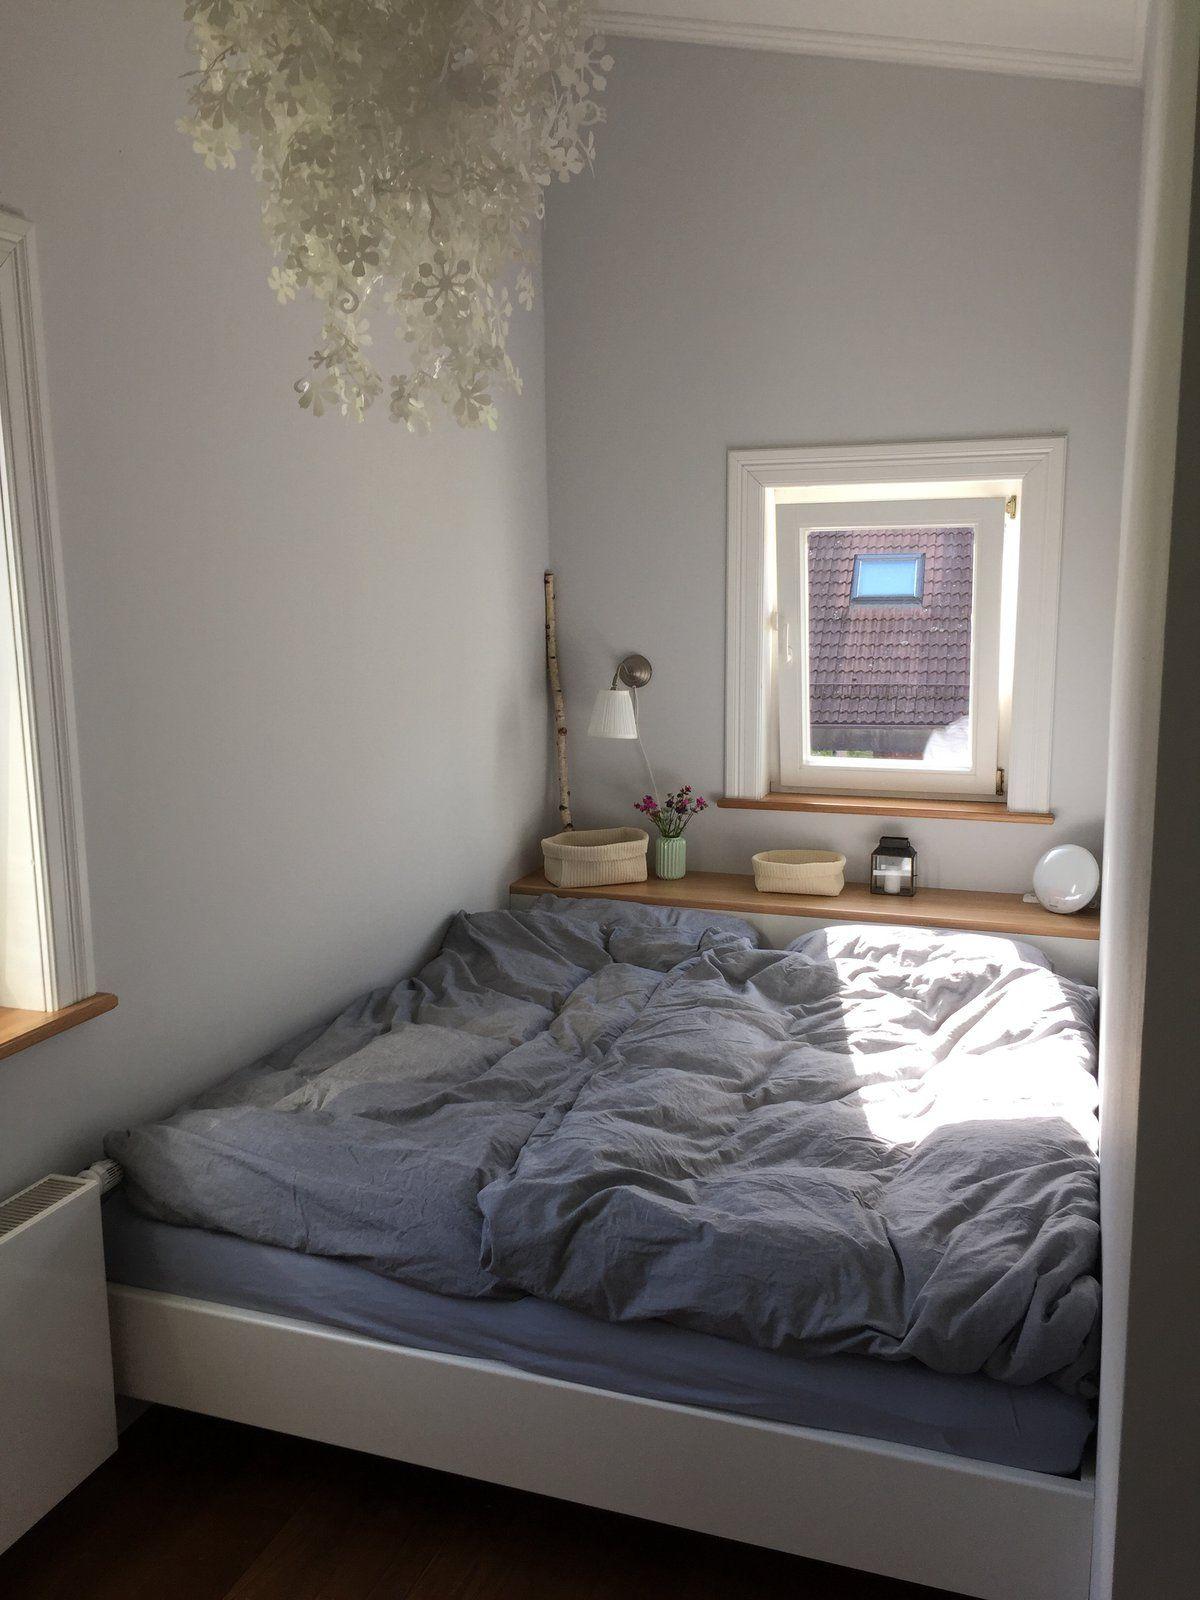 Full Size of Schlafzimmer Gestalten Kommoden Vorhänge Set Günstig Komplett Massivholz Lampe Luxus Tapeten Badezimmer Neu Led Deckenleuchte Teppich Modern Landhausstil Wohnzimmer Schlafzimmer Gestalten